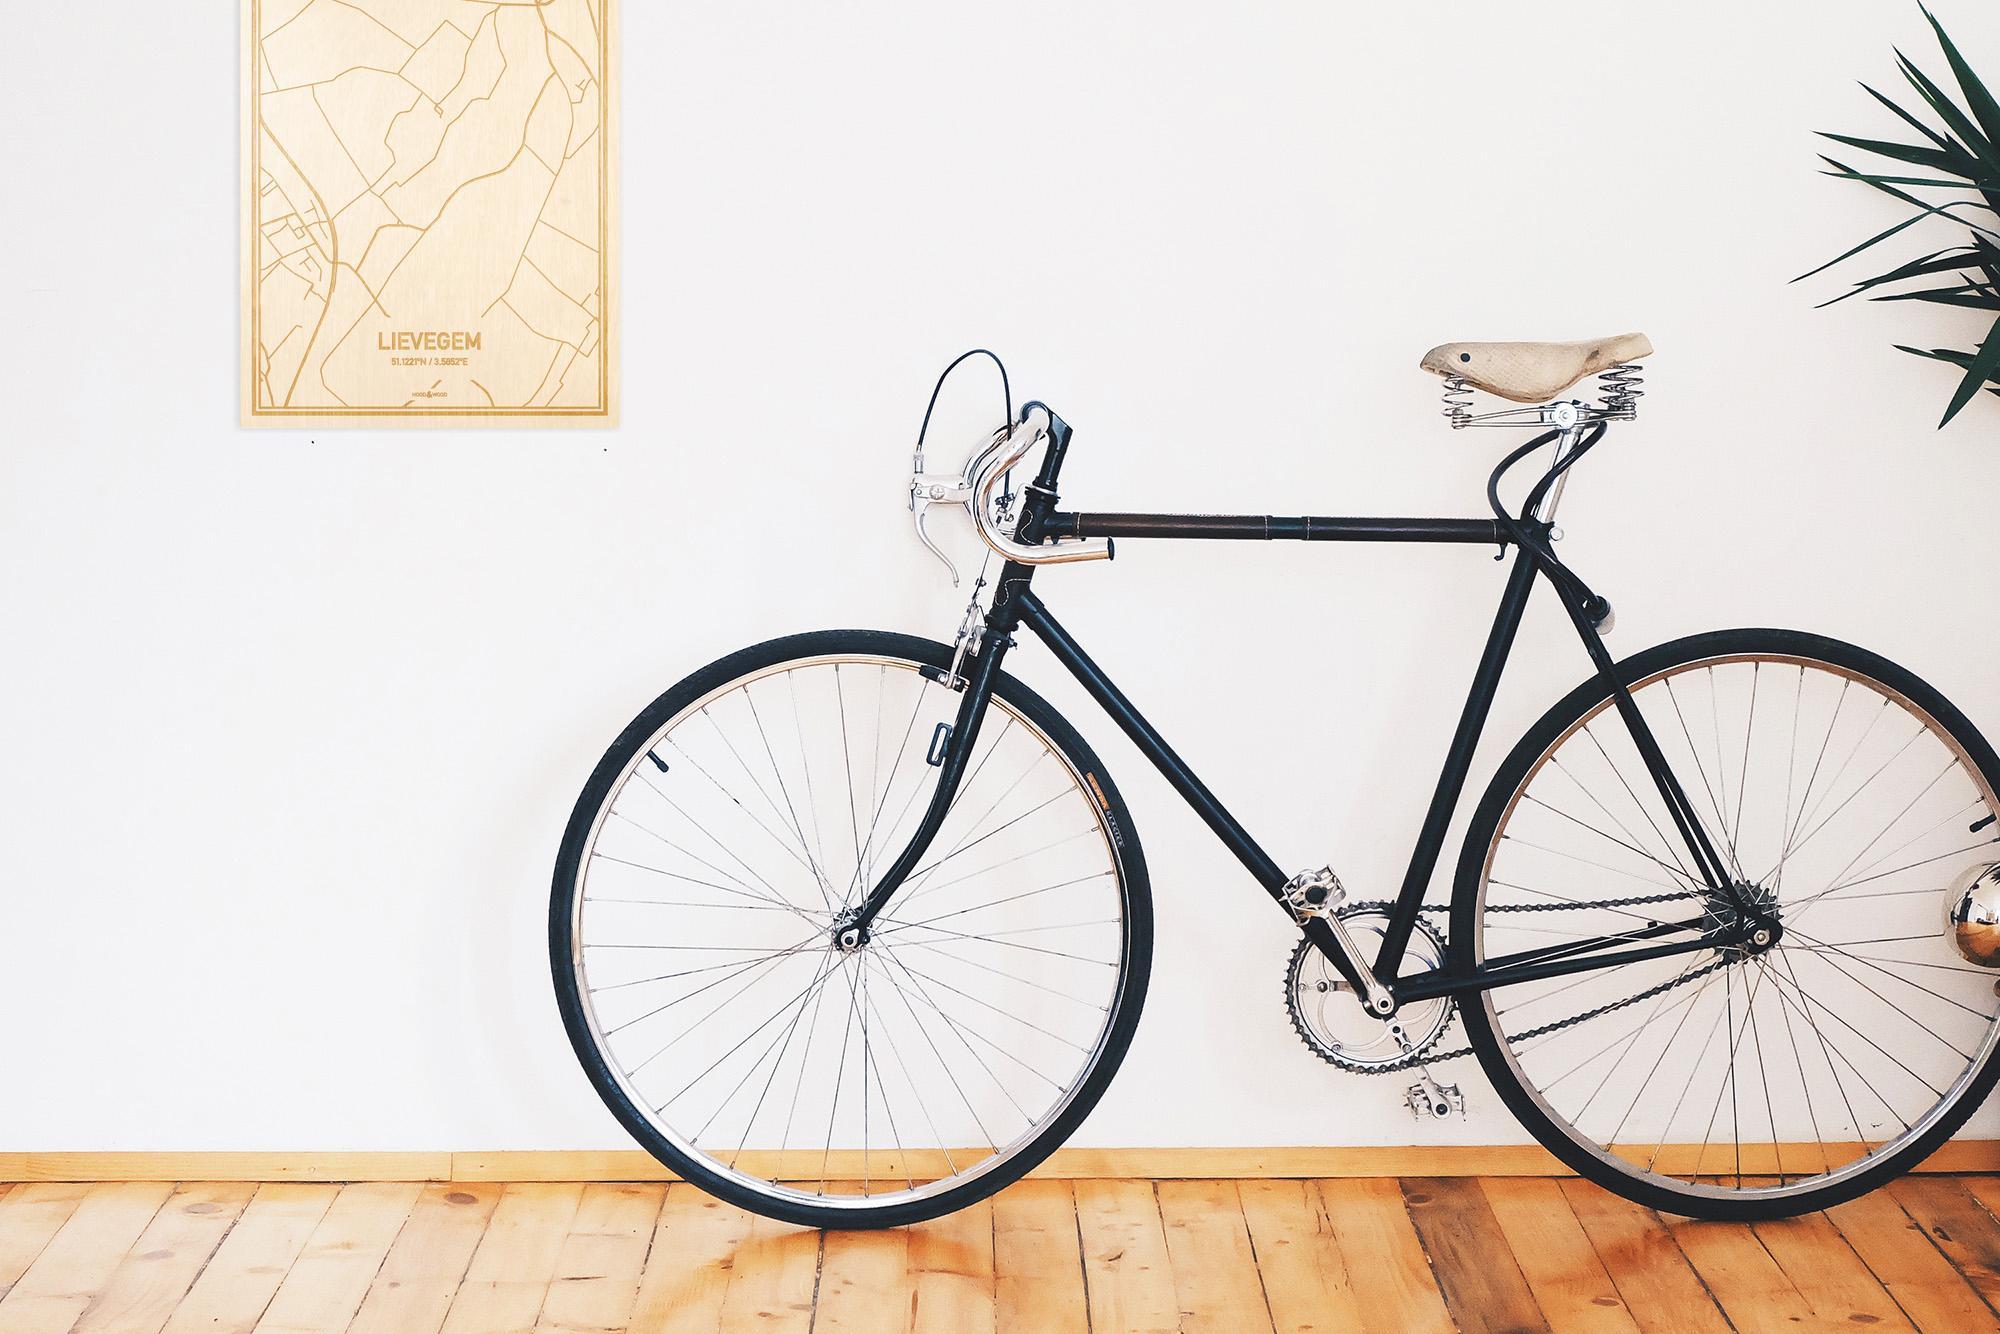 Een snelle fiets in een uniek interieur in Oost-Vlaanderen  met mooie decoratie zoals de plattegrond Lievegem.